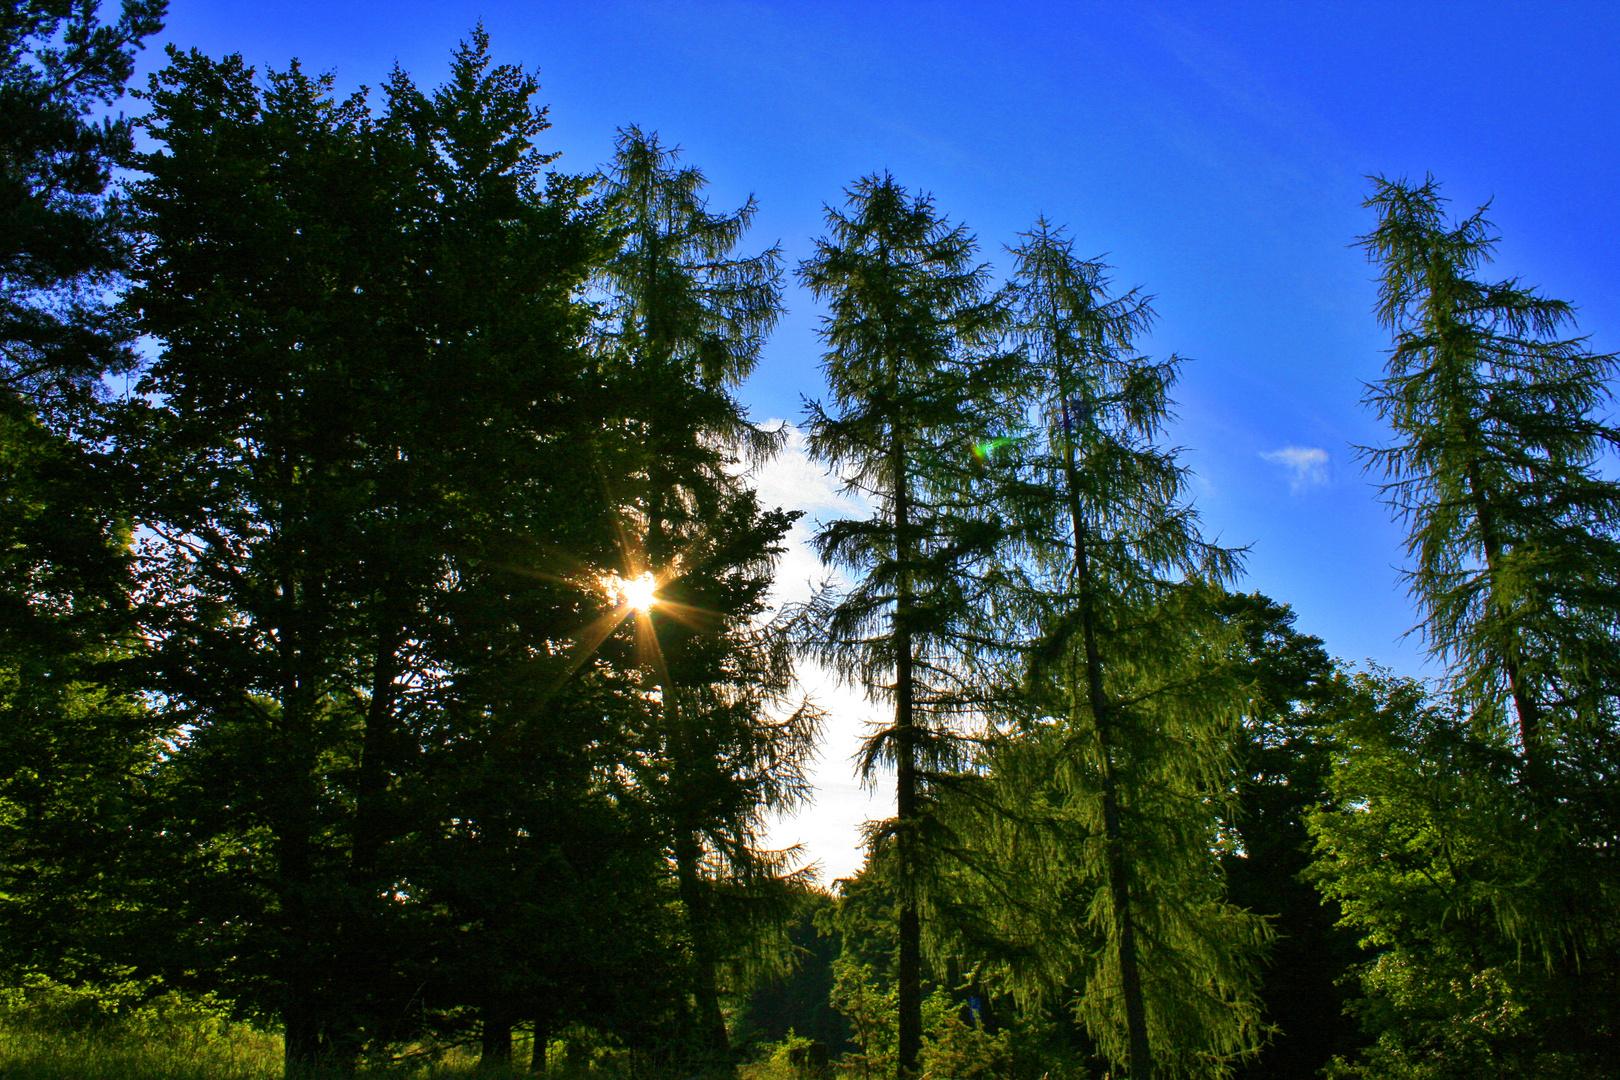 Ein schöner Sommermorgen beginnt